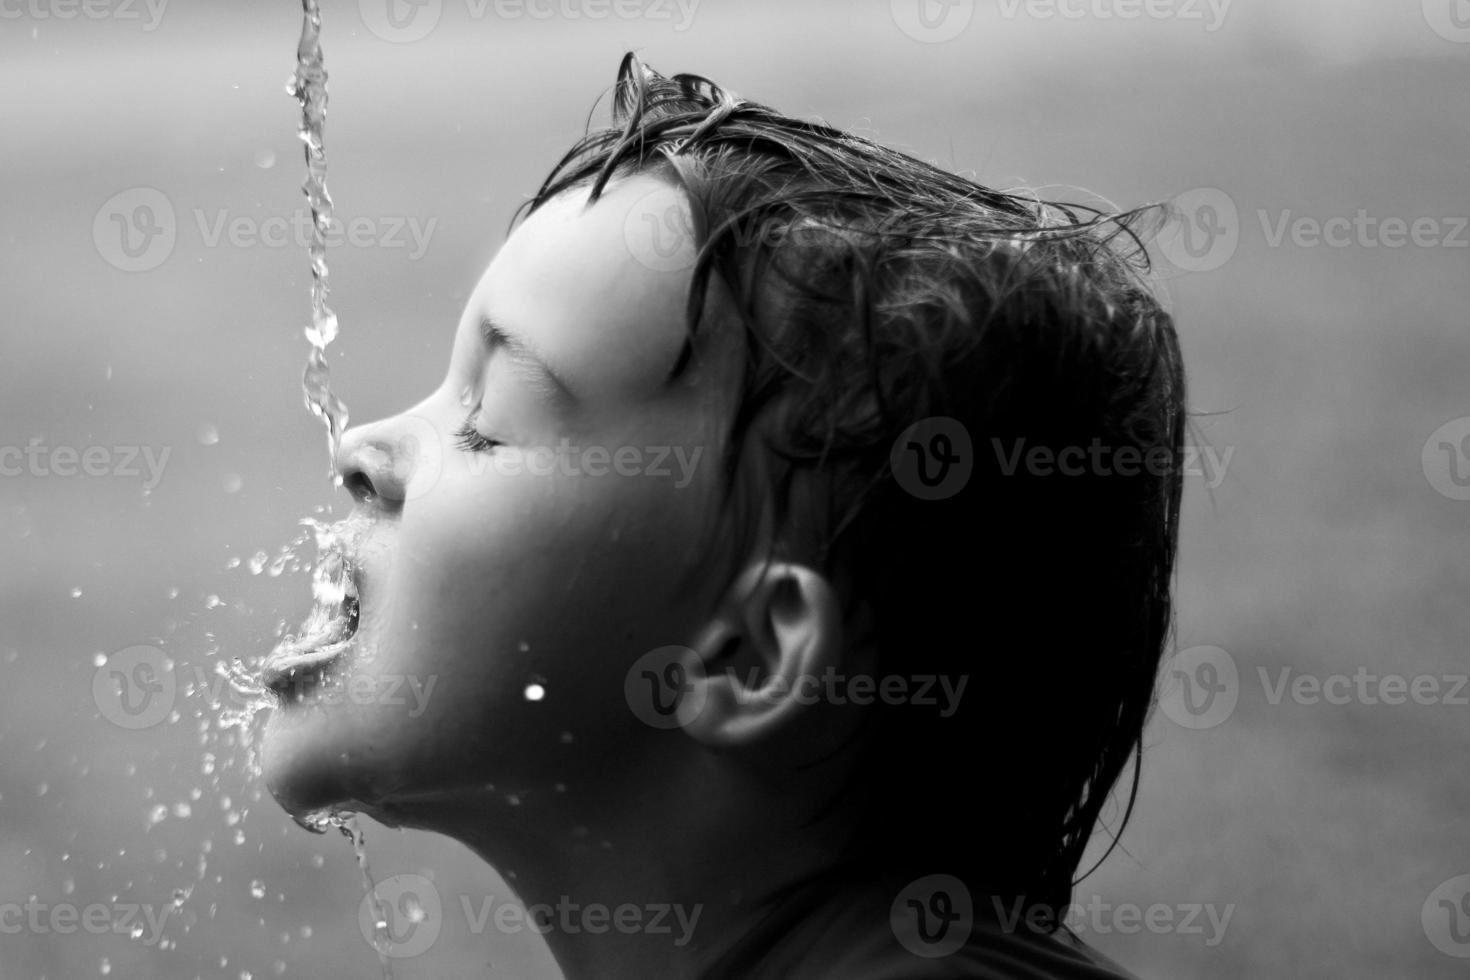 gotas de água espirradas no rosto do menino foto